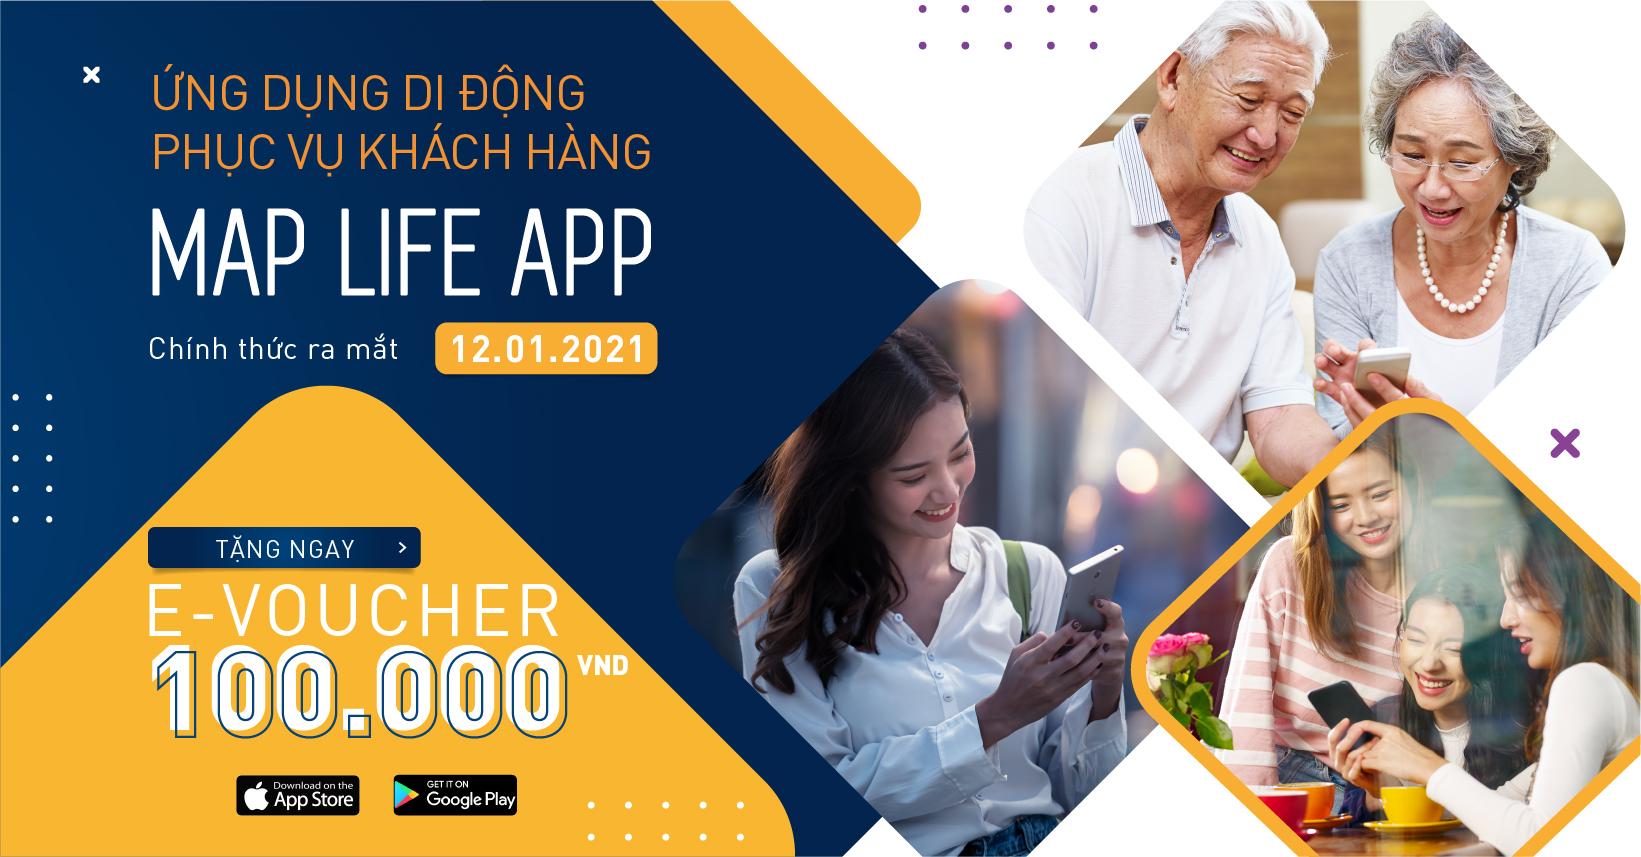 MAP Life ra mắt Ứng dụng di động phục vụ khách hàng